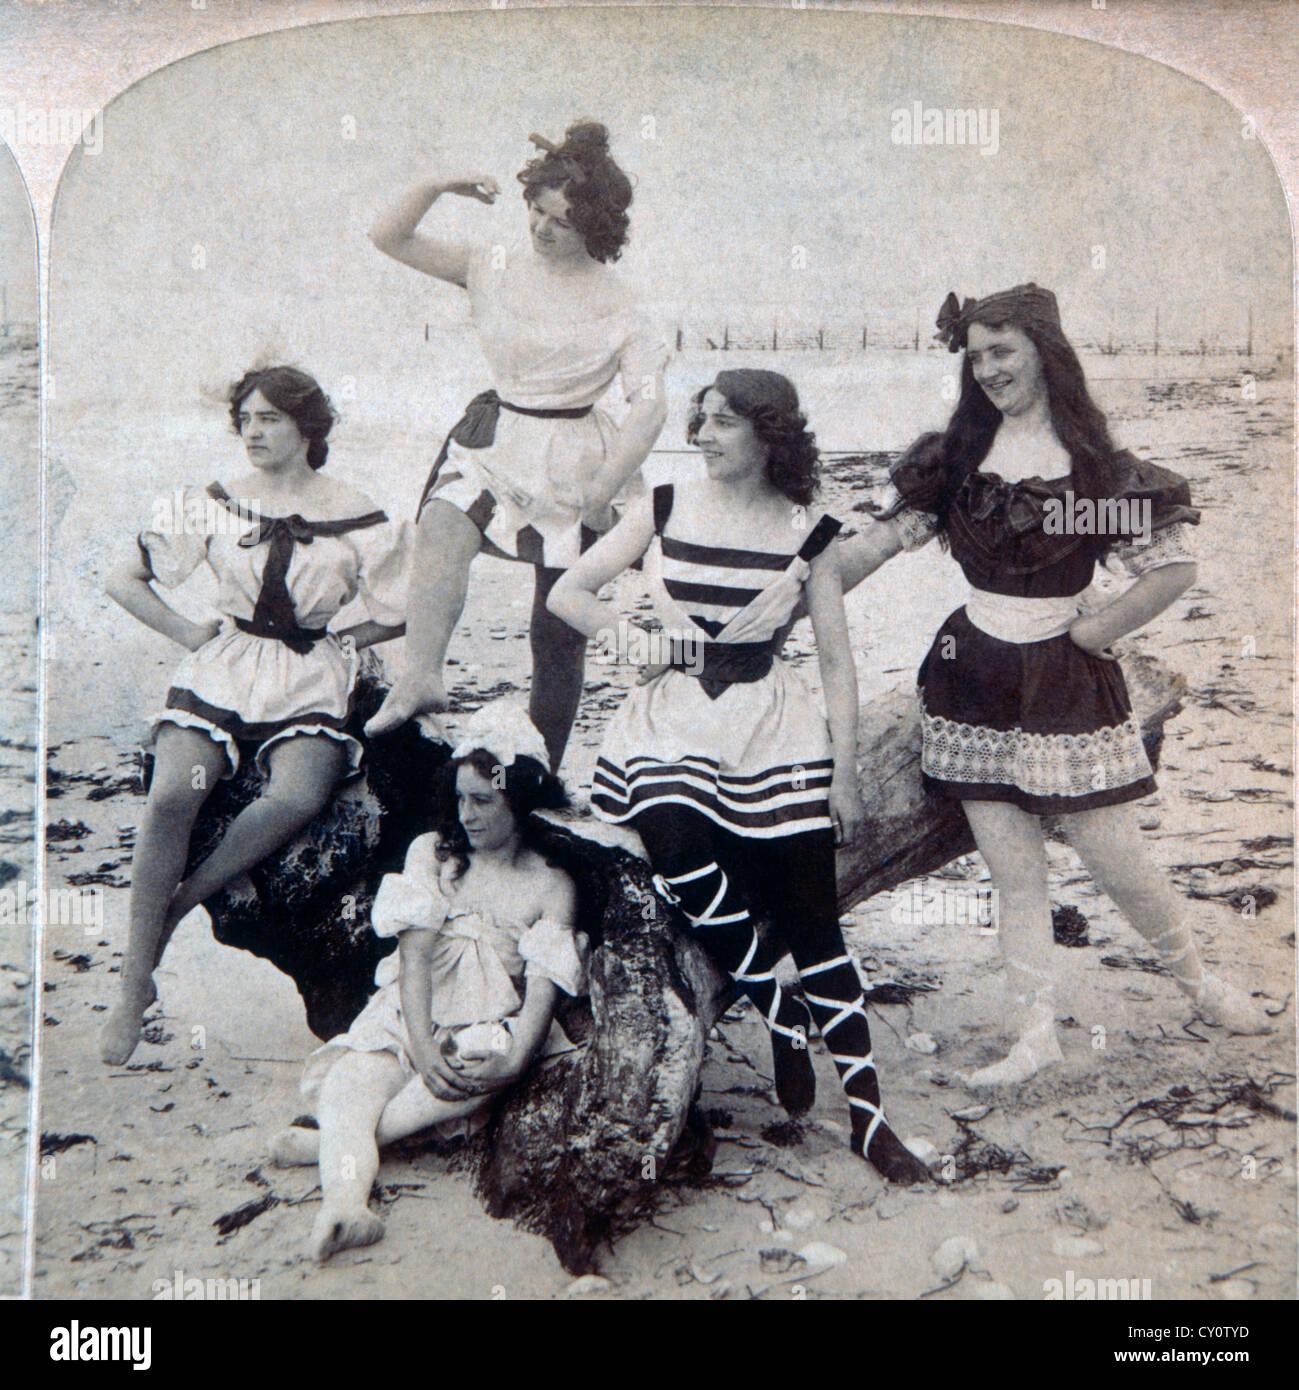 Cinco mulheres no Beach EUA, Estéreo Albume Fotografia, Circa 1897 Imagens de Stock